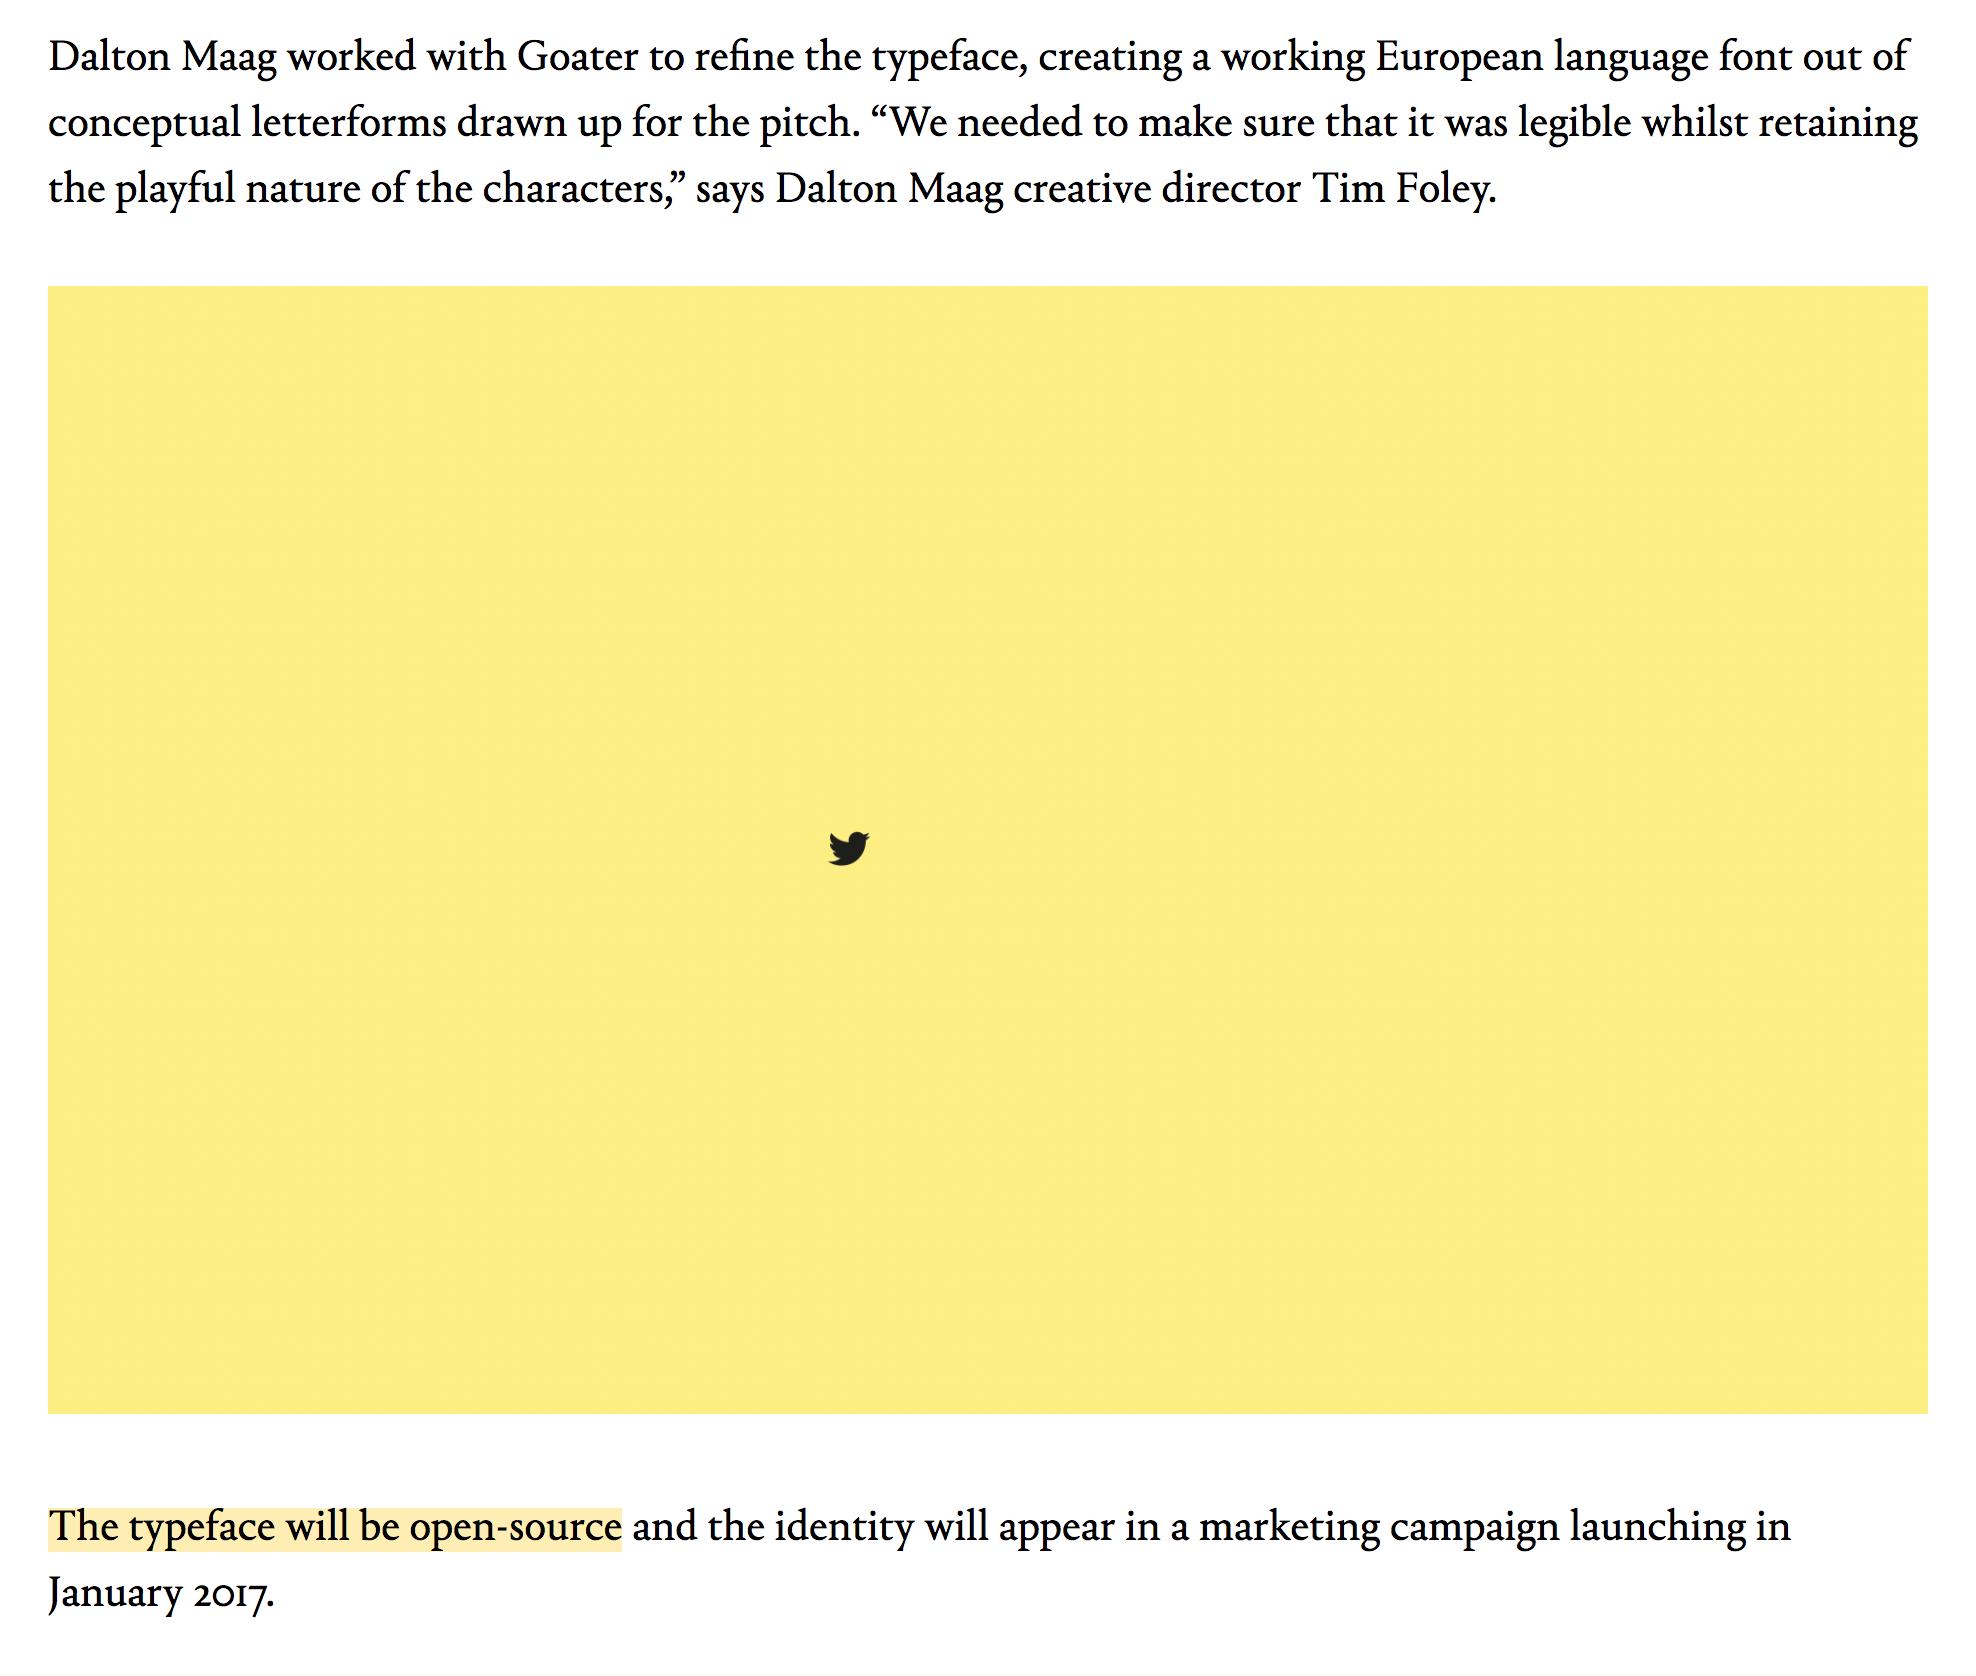 Add Leeds 2023 Font · Issue #1318 · google/fonts · GitHub